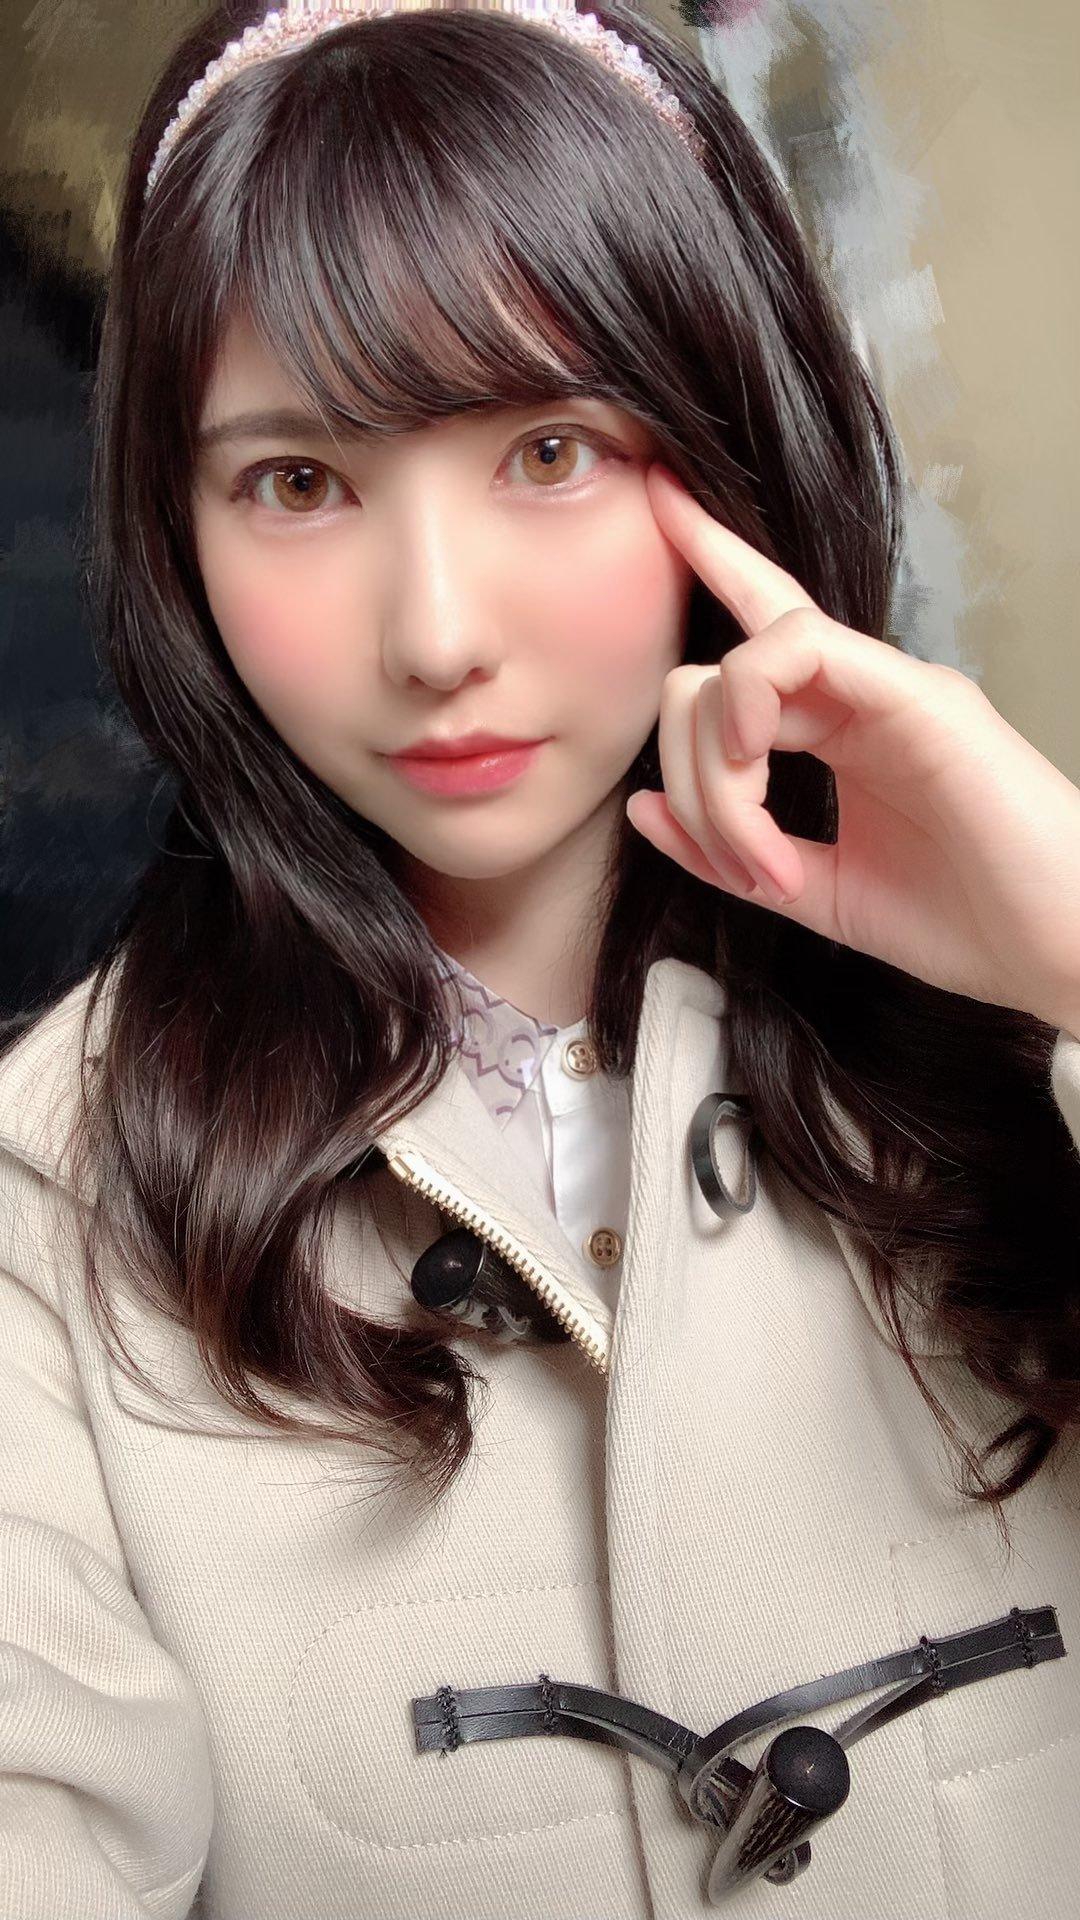 aiga_mizuki 1249346884579164161_p1